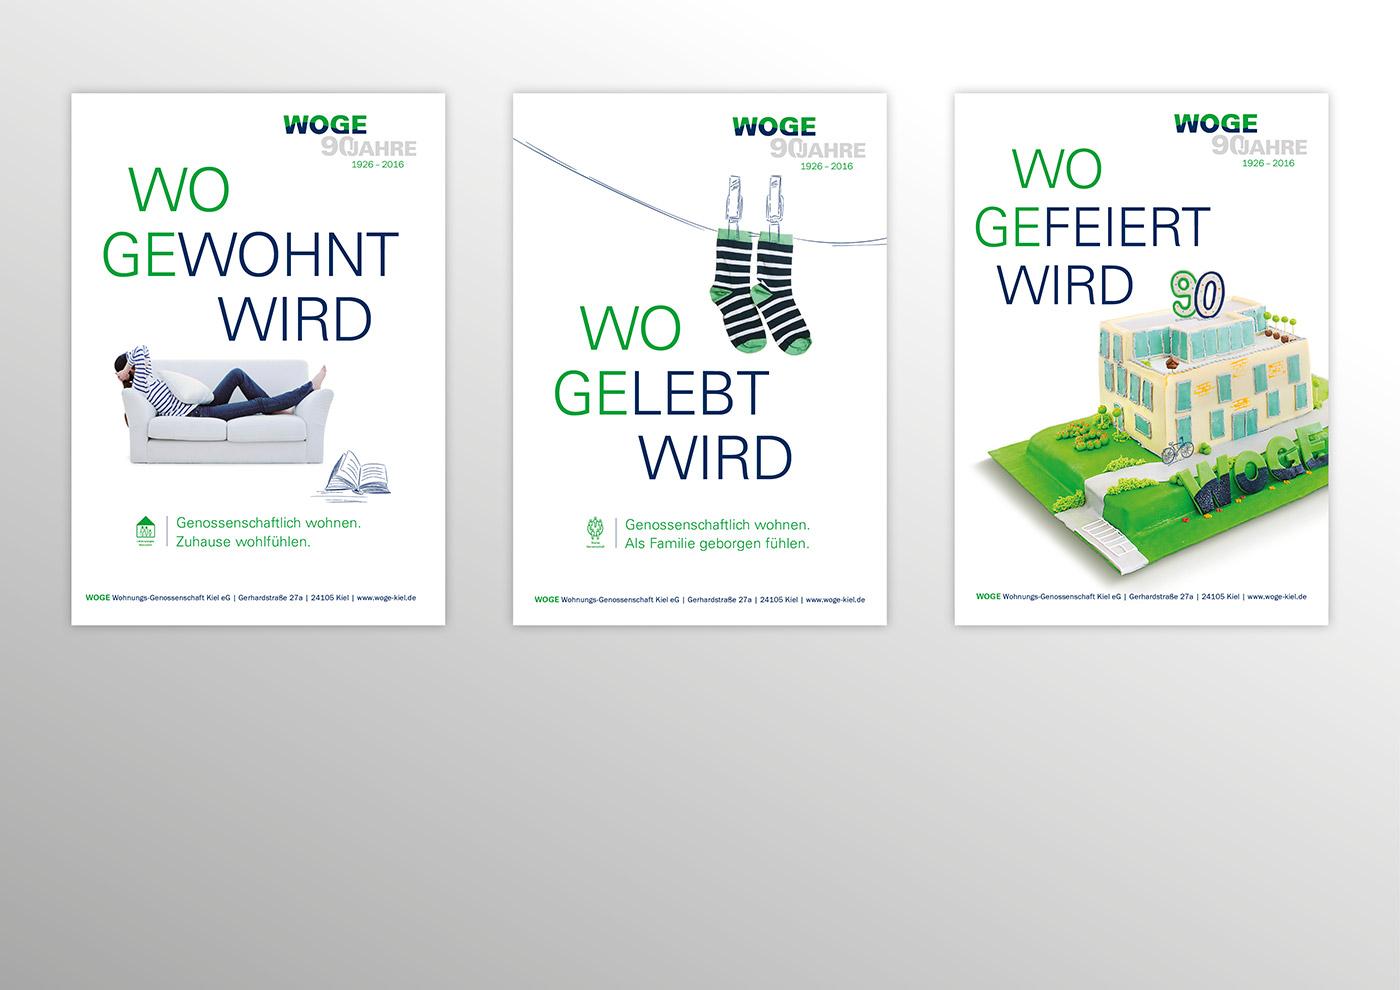 Corporate Design und Kommunikation für die WOGE Kiel: Anzeigen-Konzept